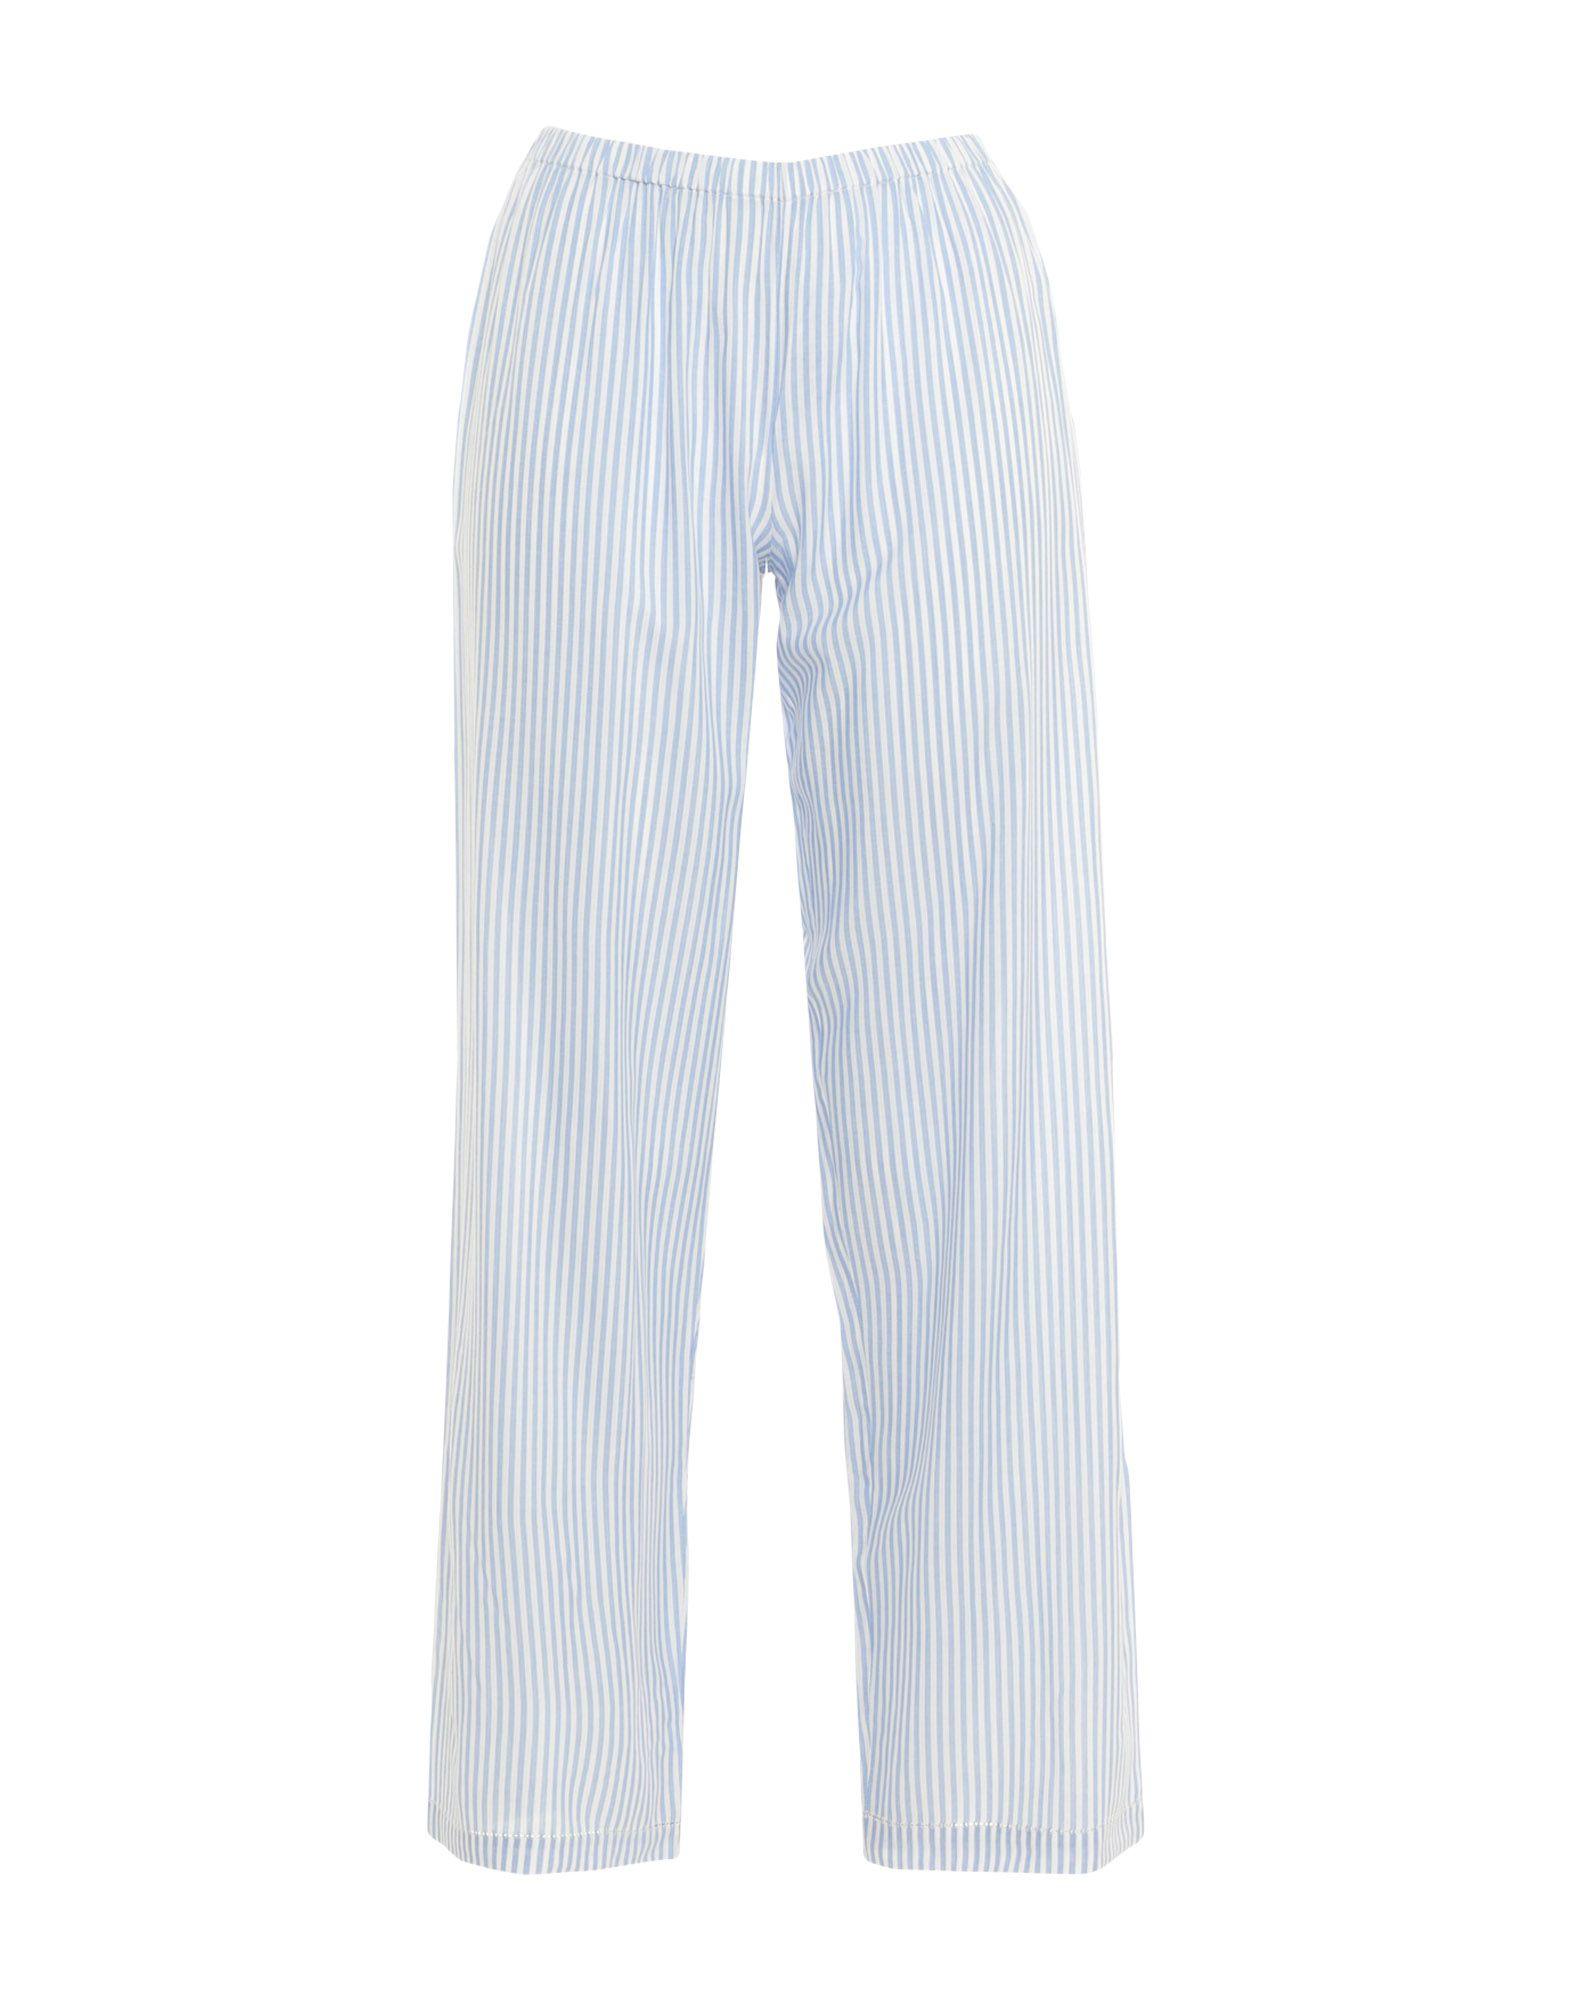 VIVIS Пижама брюки пижамные в полоску 100% хлопка